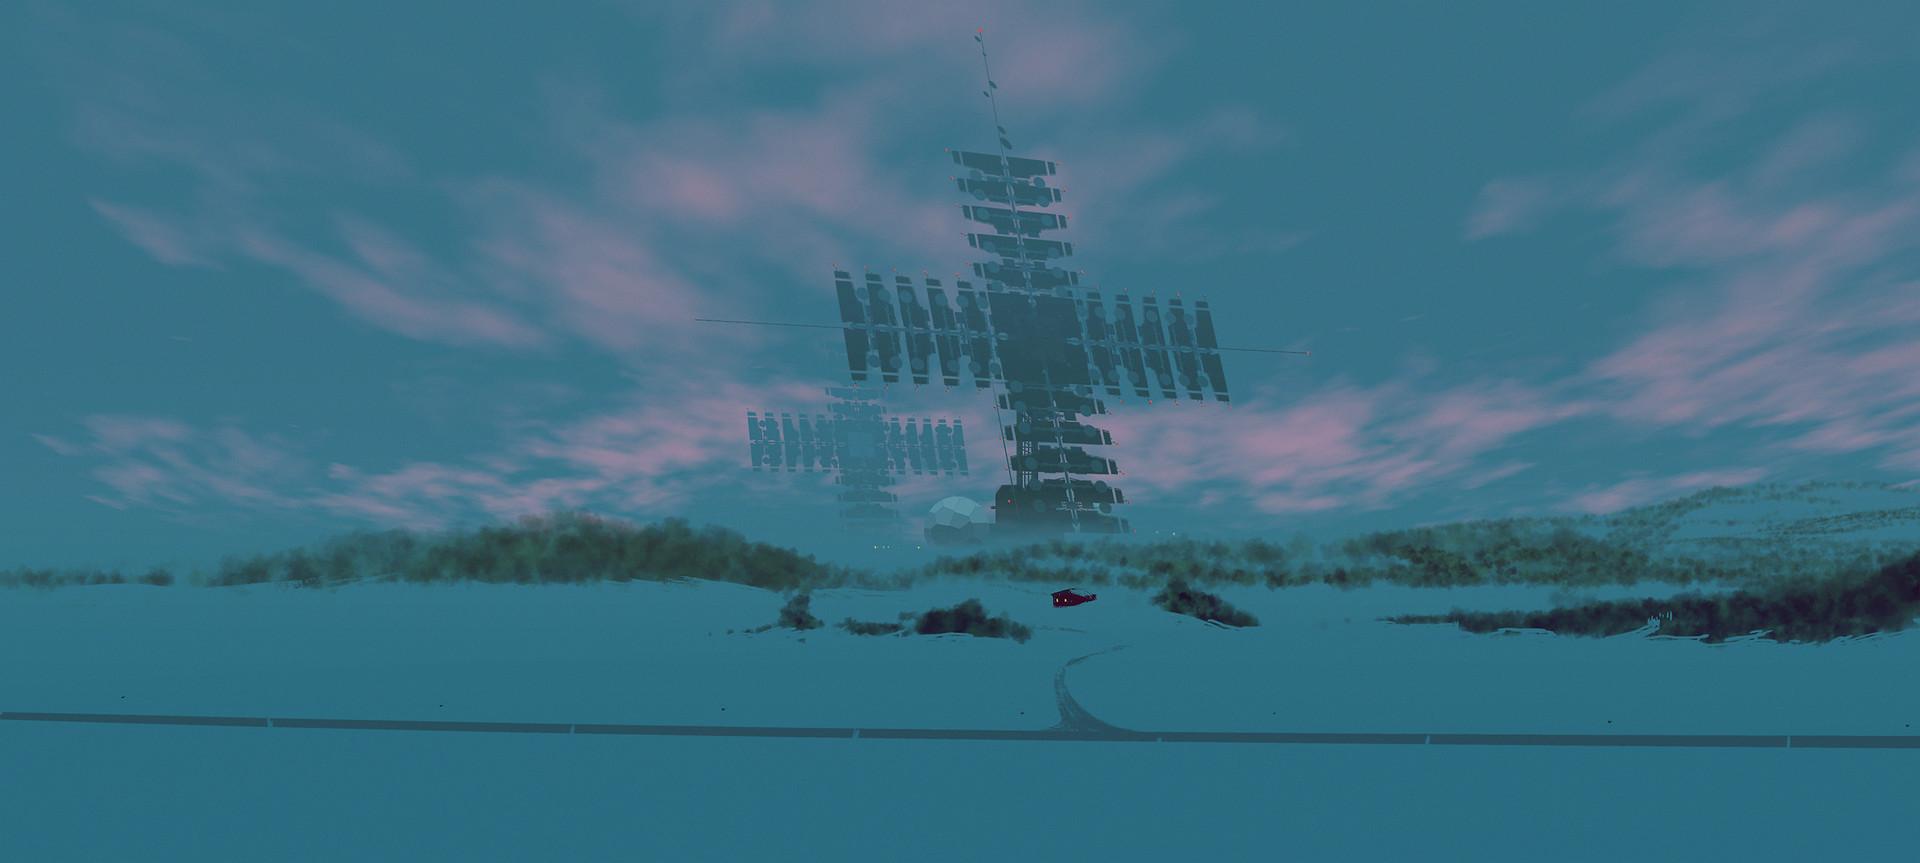 Nicodemus john mattisson signaltowers